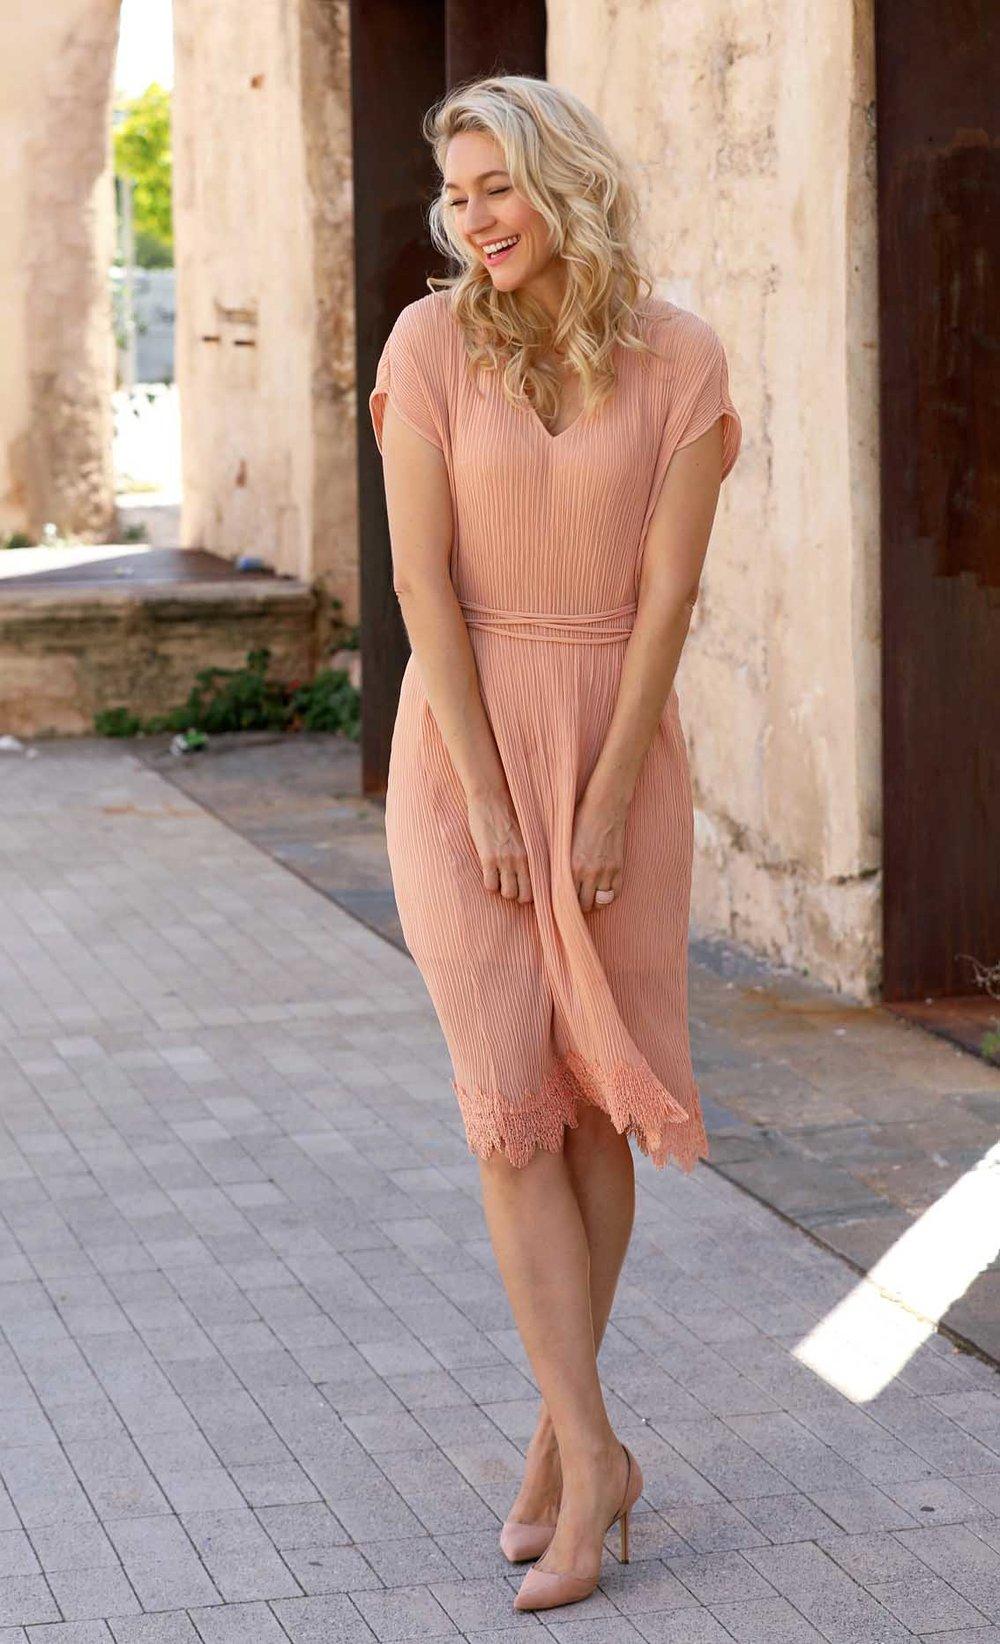 Ganzkörperbild von Christina im lachsfarbenen Kleid